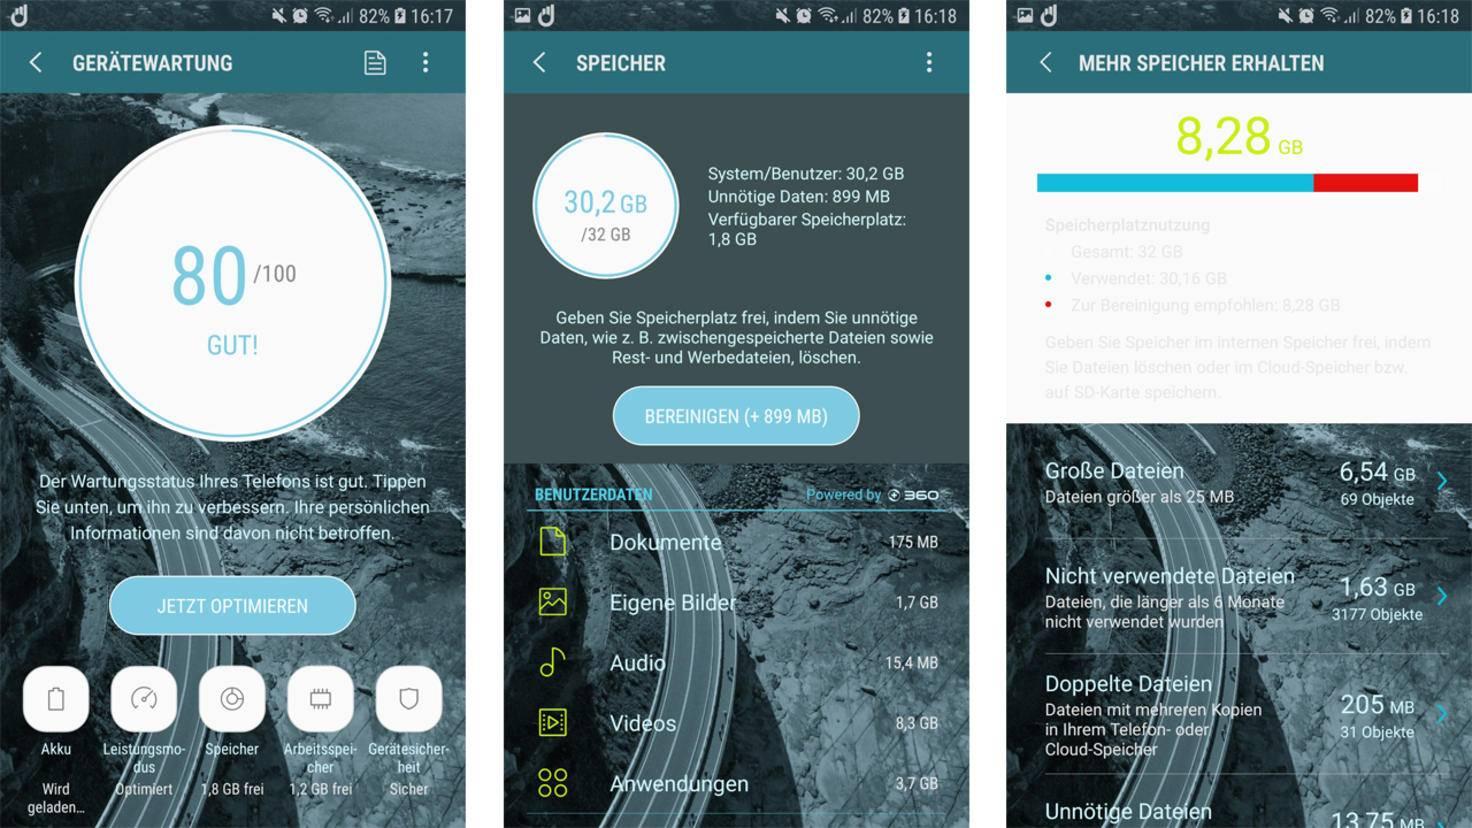 Android Speicher aufraeumen